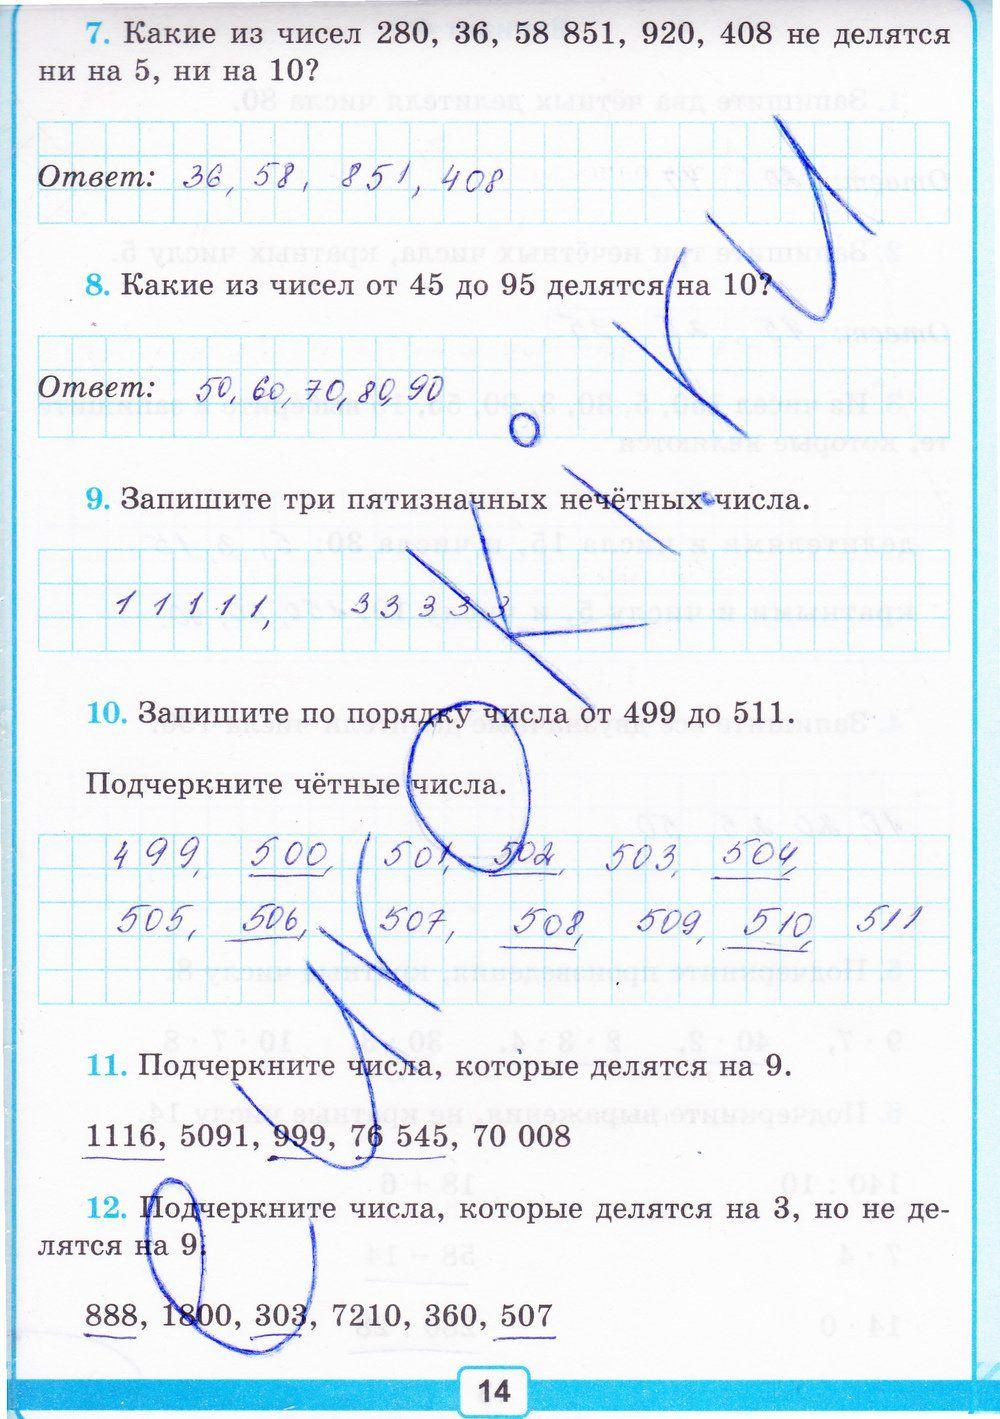 Гдз по истории 5 класс годер рабочая тетрадь 1 часть ответы без регистрации